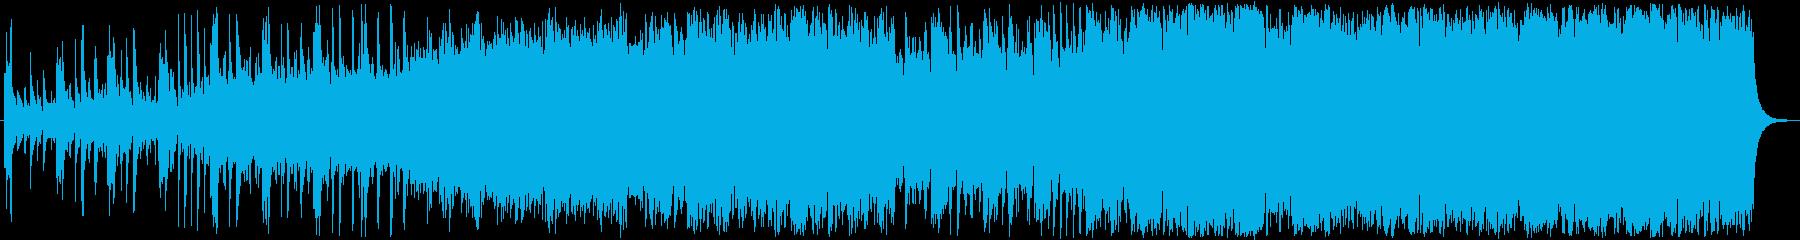 クラシック音楽の要素とピアノのリー...の再生済みの波形